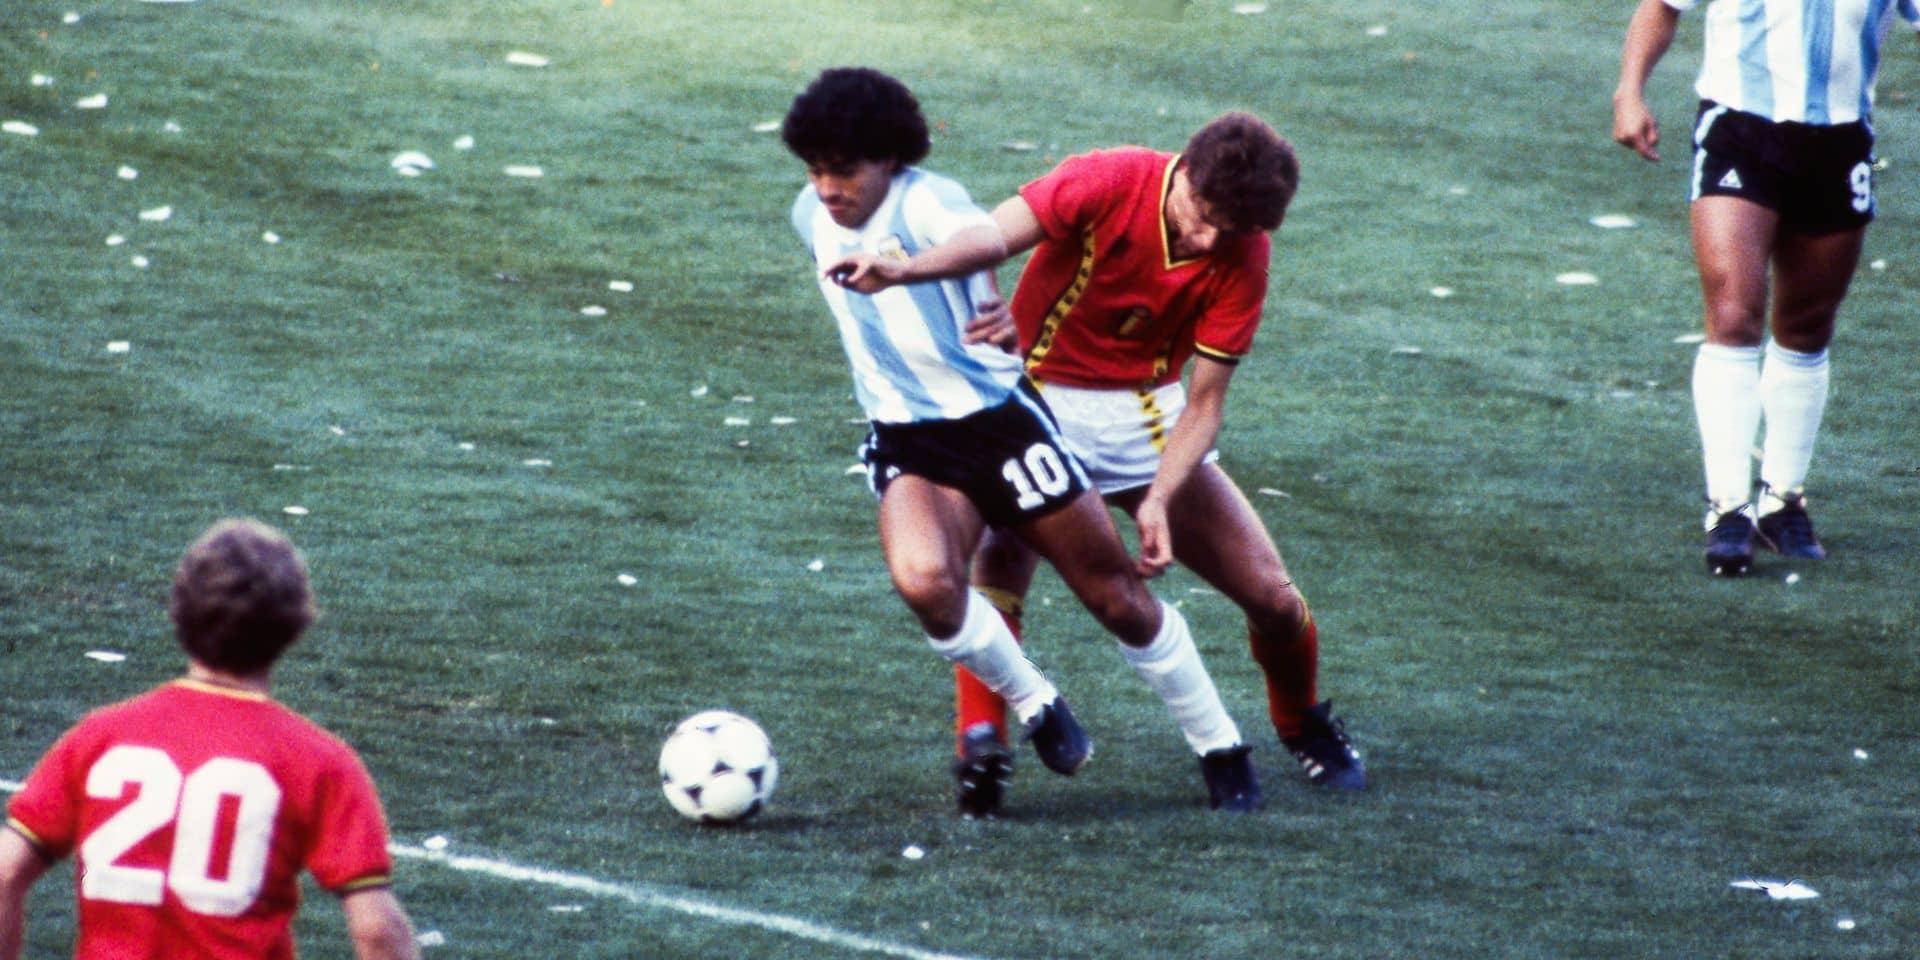 Le grand Diego s'est éteint à 60 ans : M-A-R-A-D-O-N-A, huit lettres magiques qui ont écrit l'histoire du foot